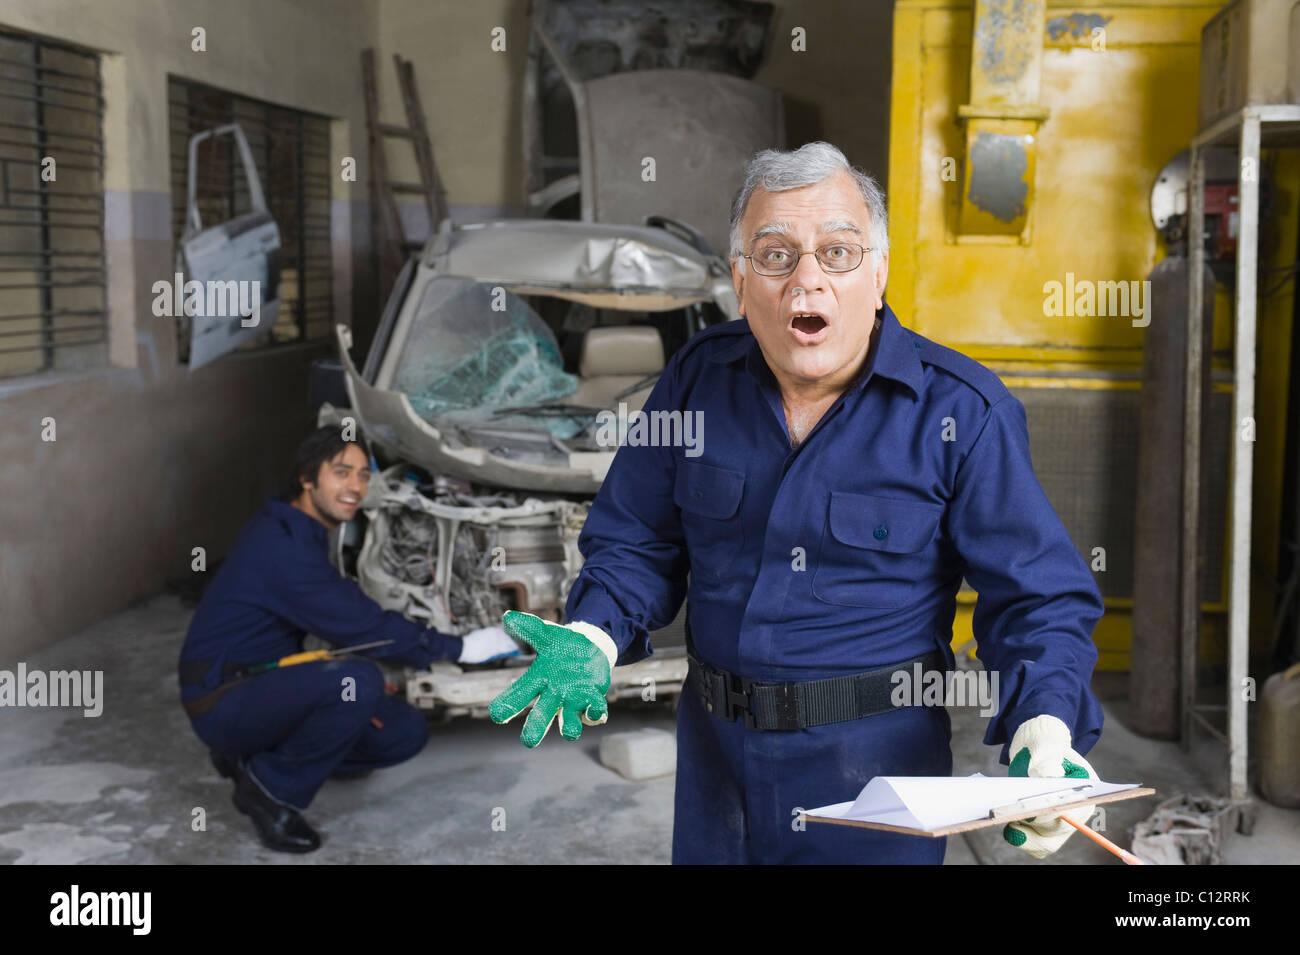 Porträt von Kfz-Mechaniker gestikulieren mit Lehrling reparieren ein ...